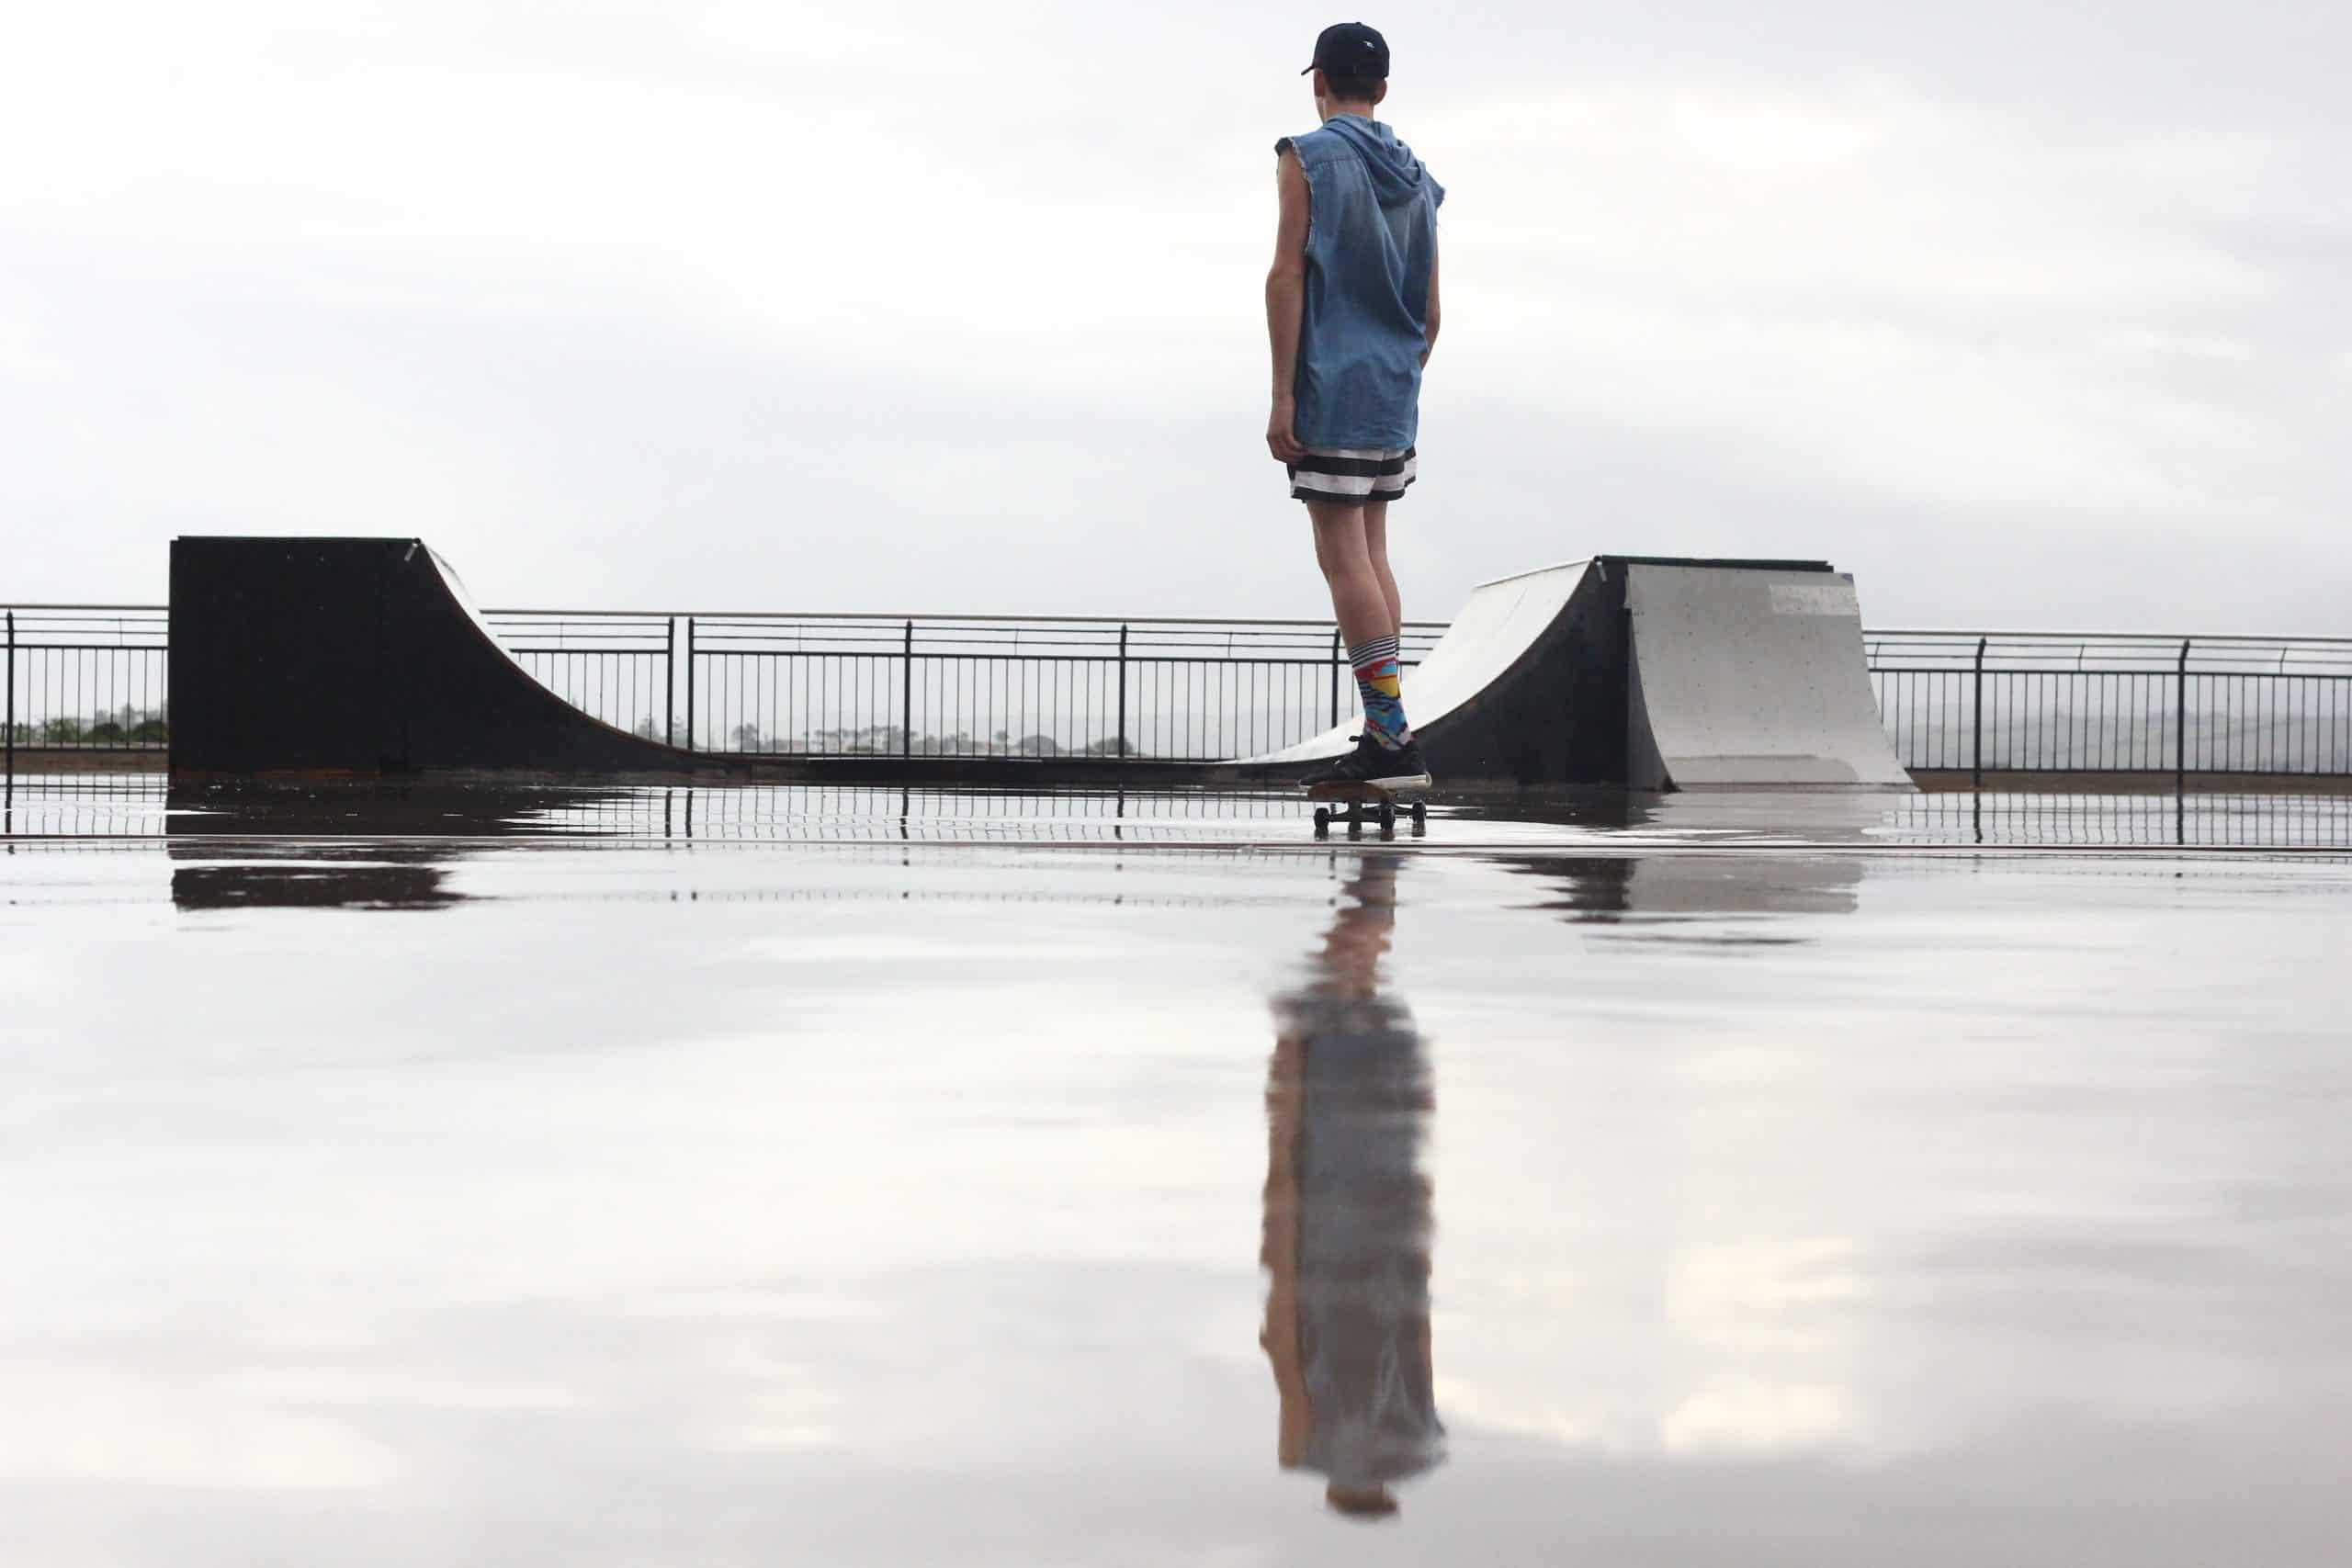 can you skateboard in the rain